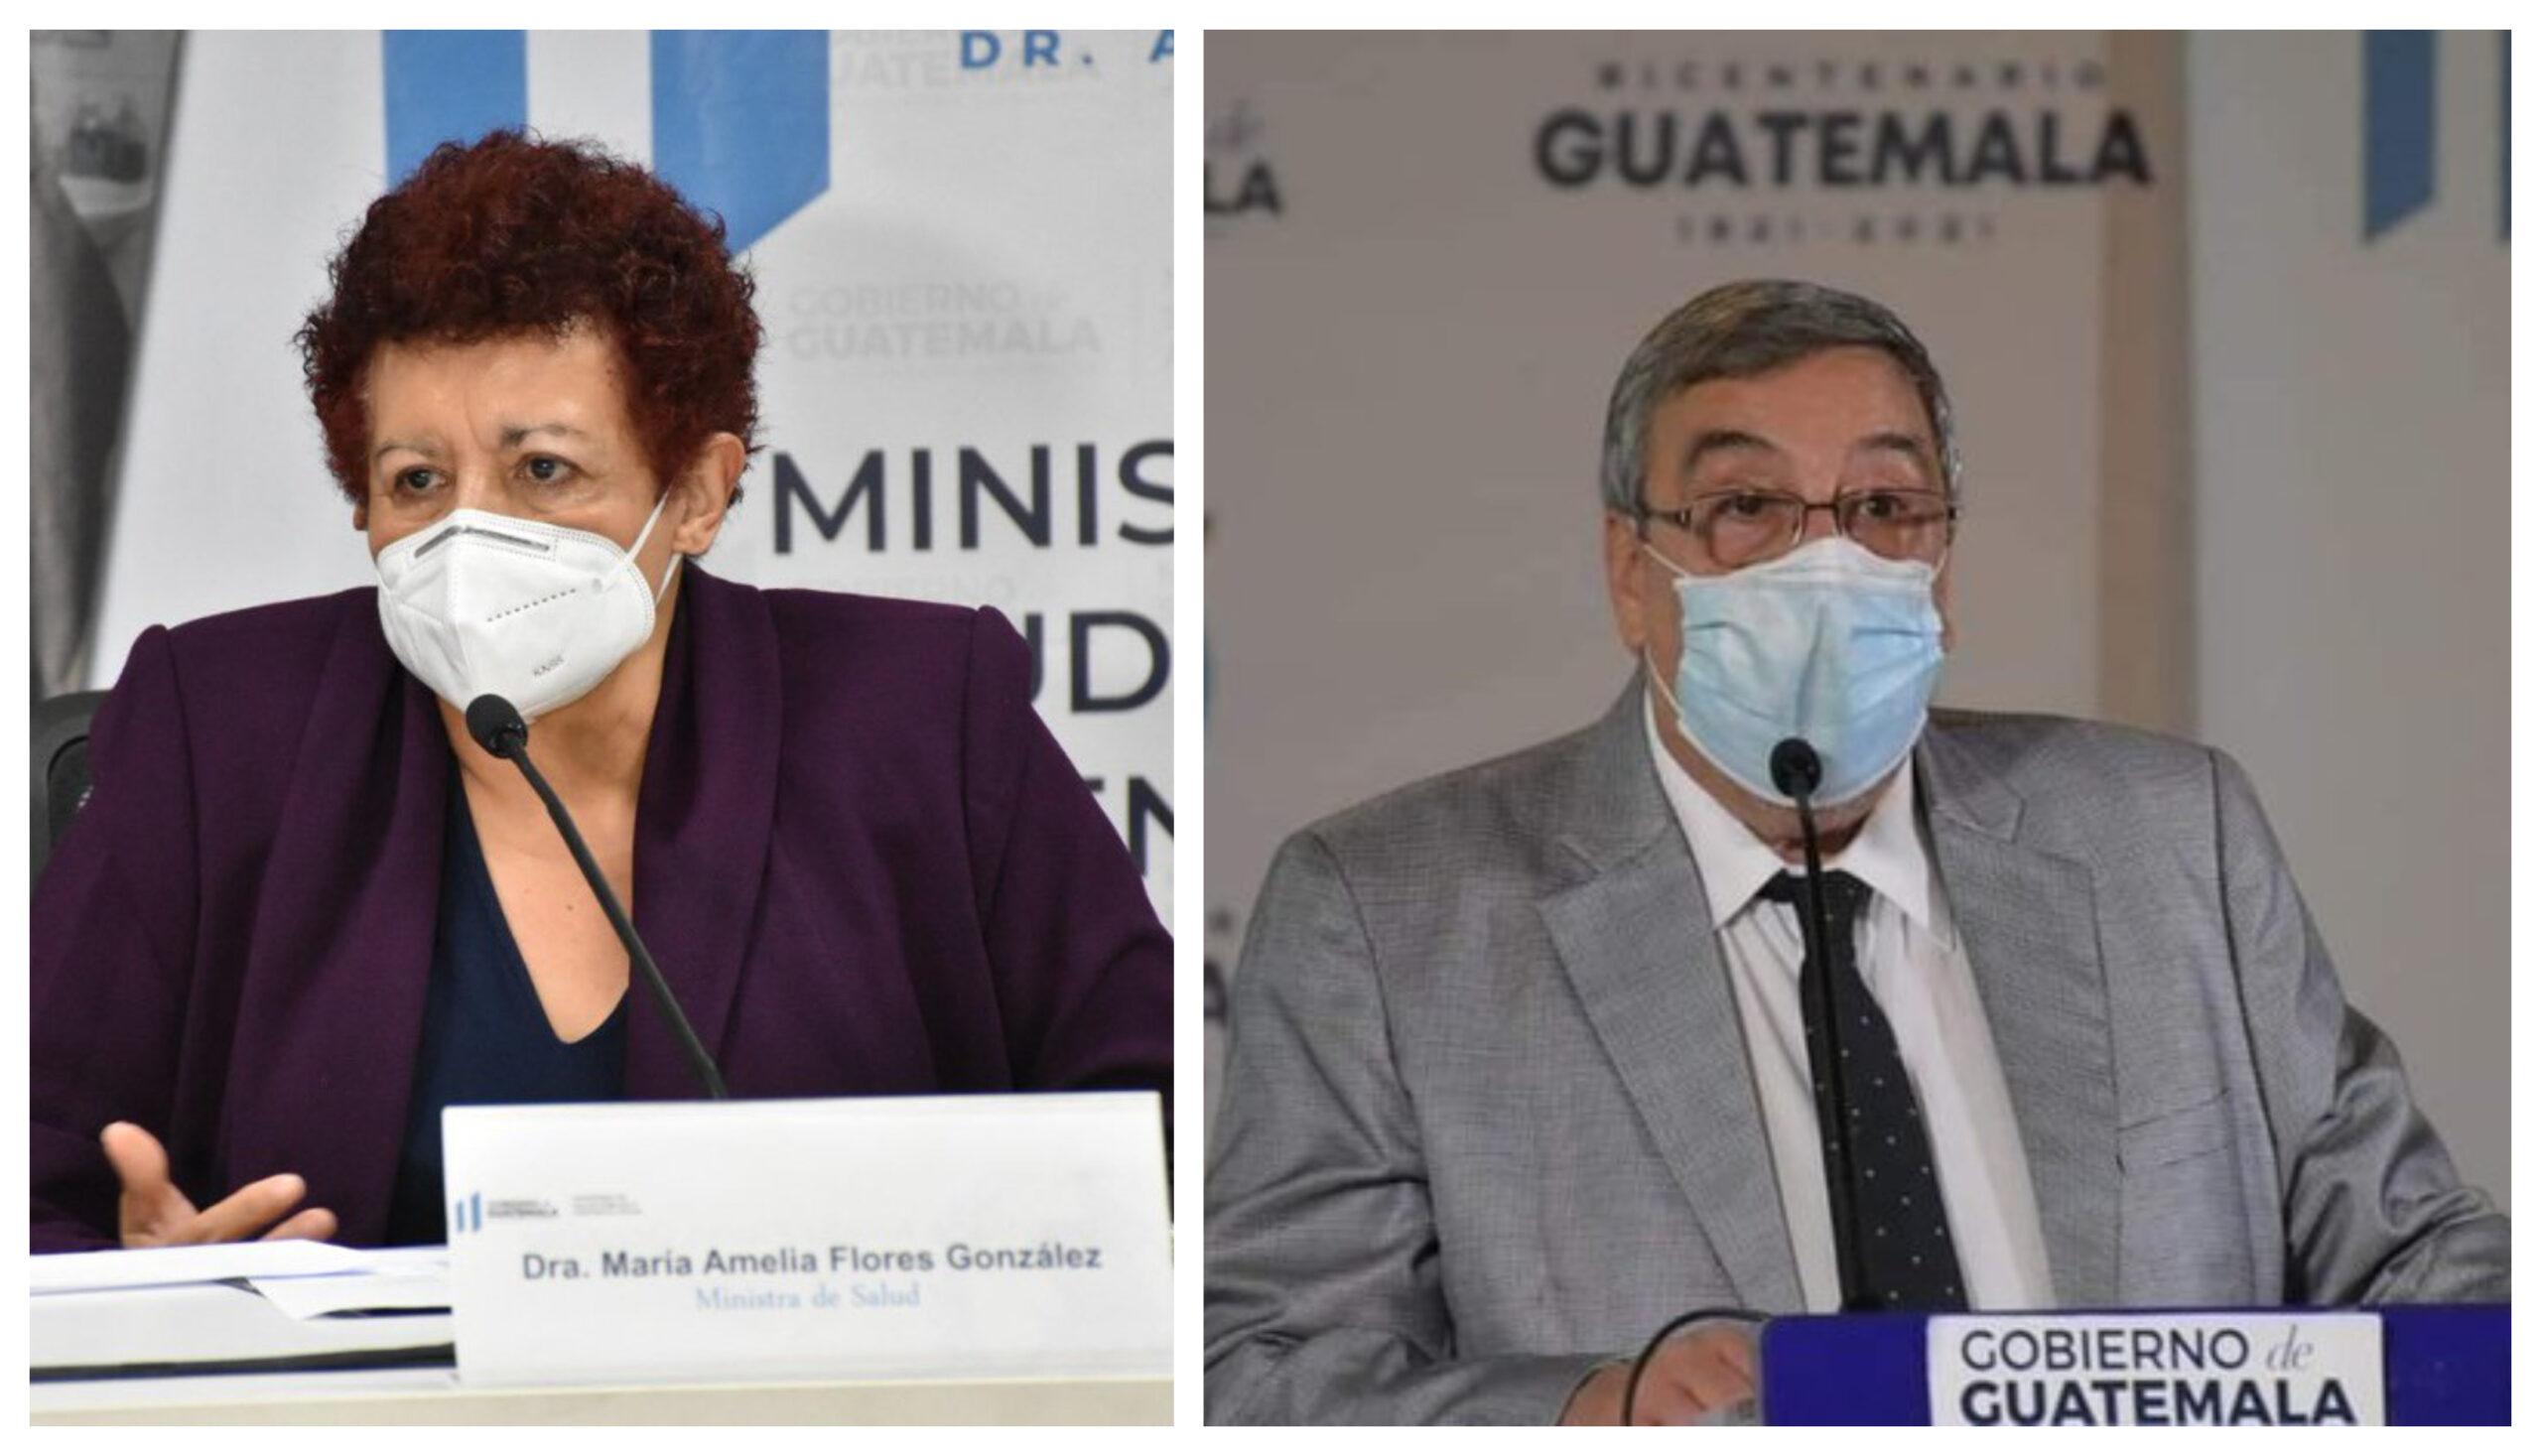 Desde el pasado 24 de agosto, la ministra de Salud, María Amelia Flores González, presentó su renuncia al presidente Alejandro Giammattei; misma que aún no ha sido aceptada y que tiene fecha para dejar el cargo 16 de septiembre.